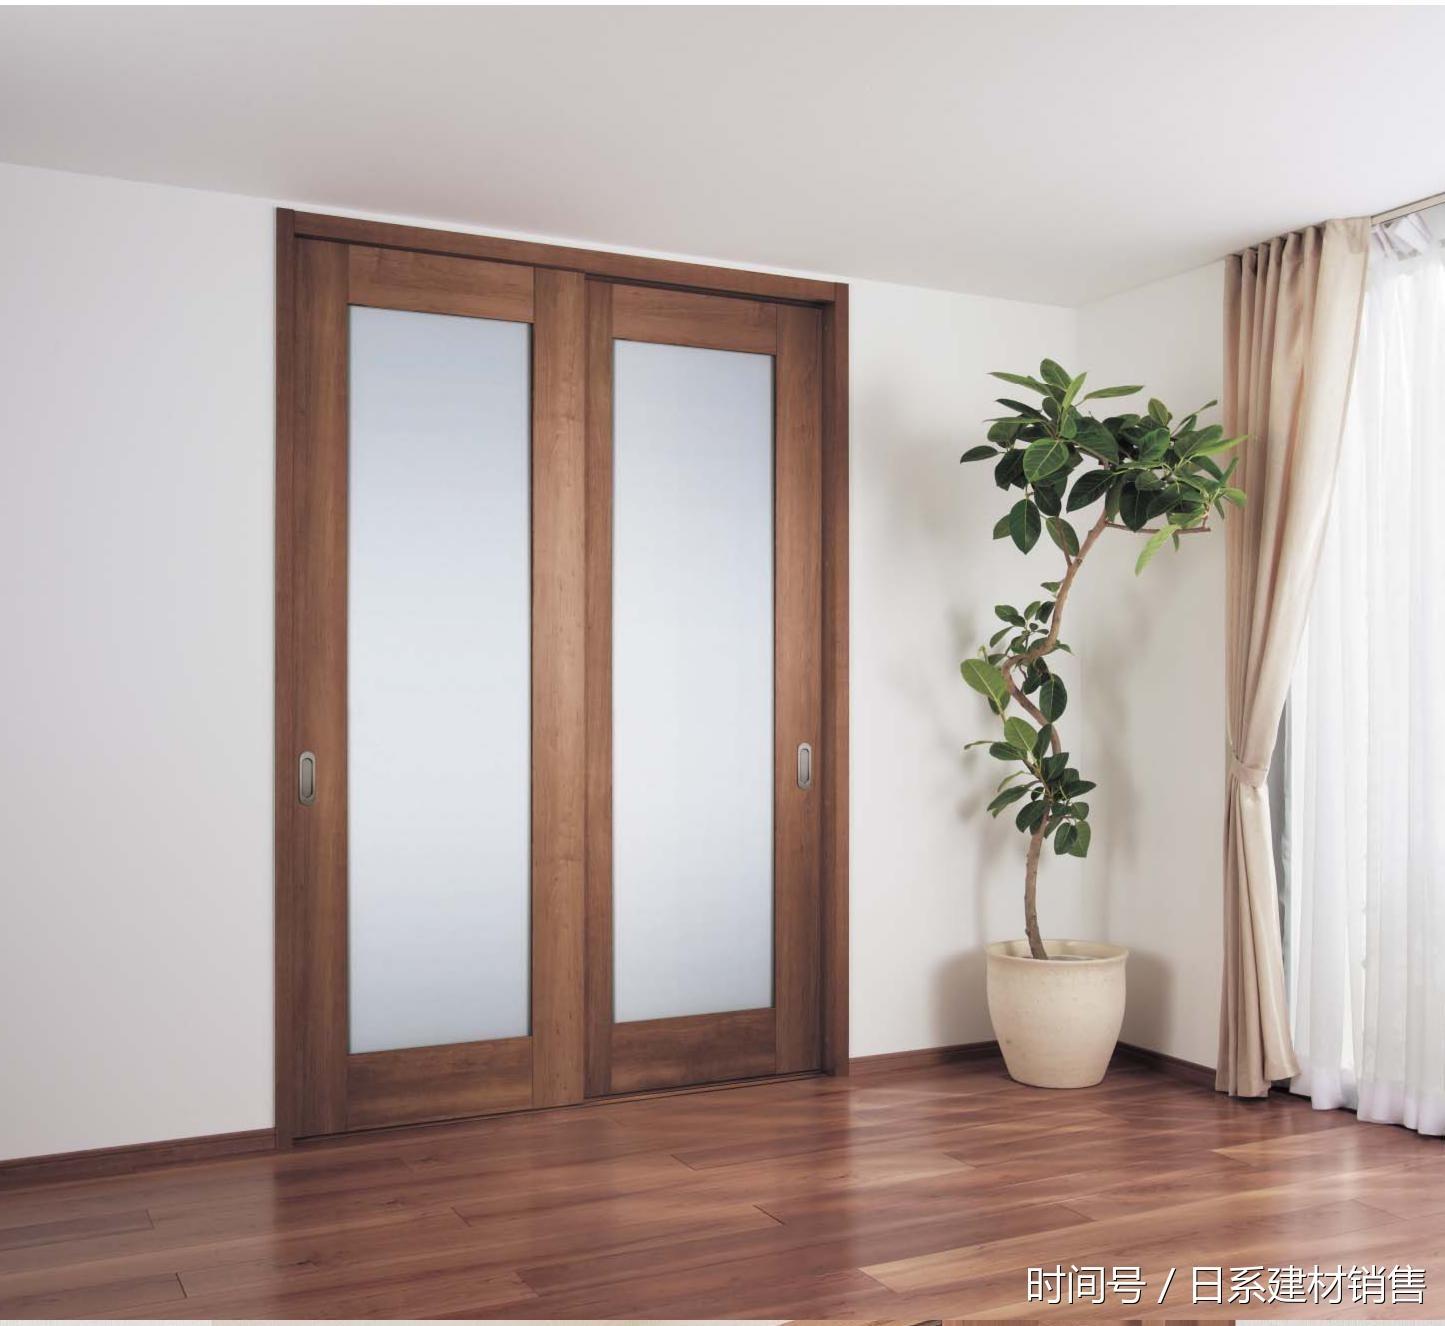 松下移门丶折叠门丶壁橱门,健康源于生活